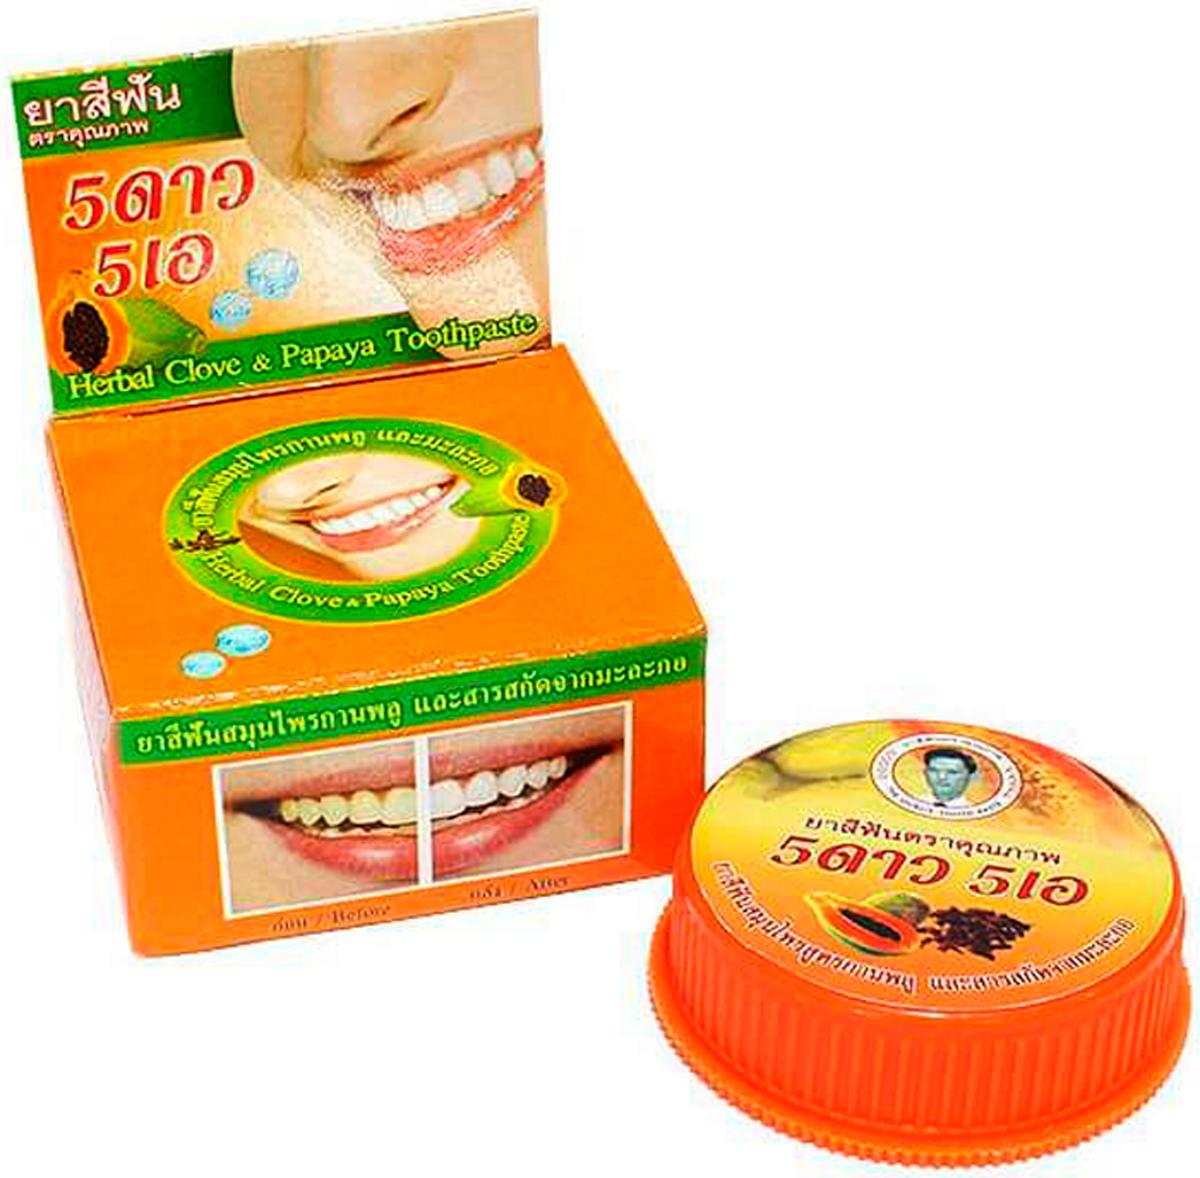 Зубная паста 5 Star Cosmetic Отбеливающая с экстрактом папайя 25 г